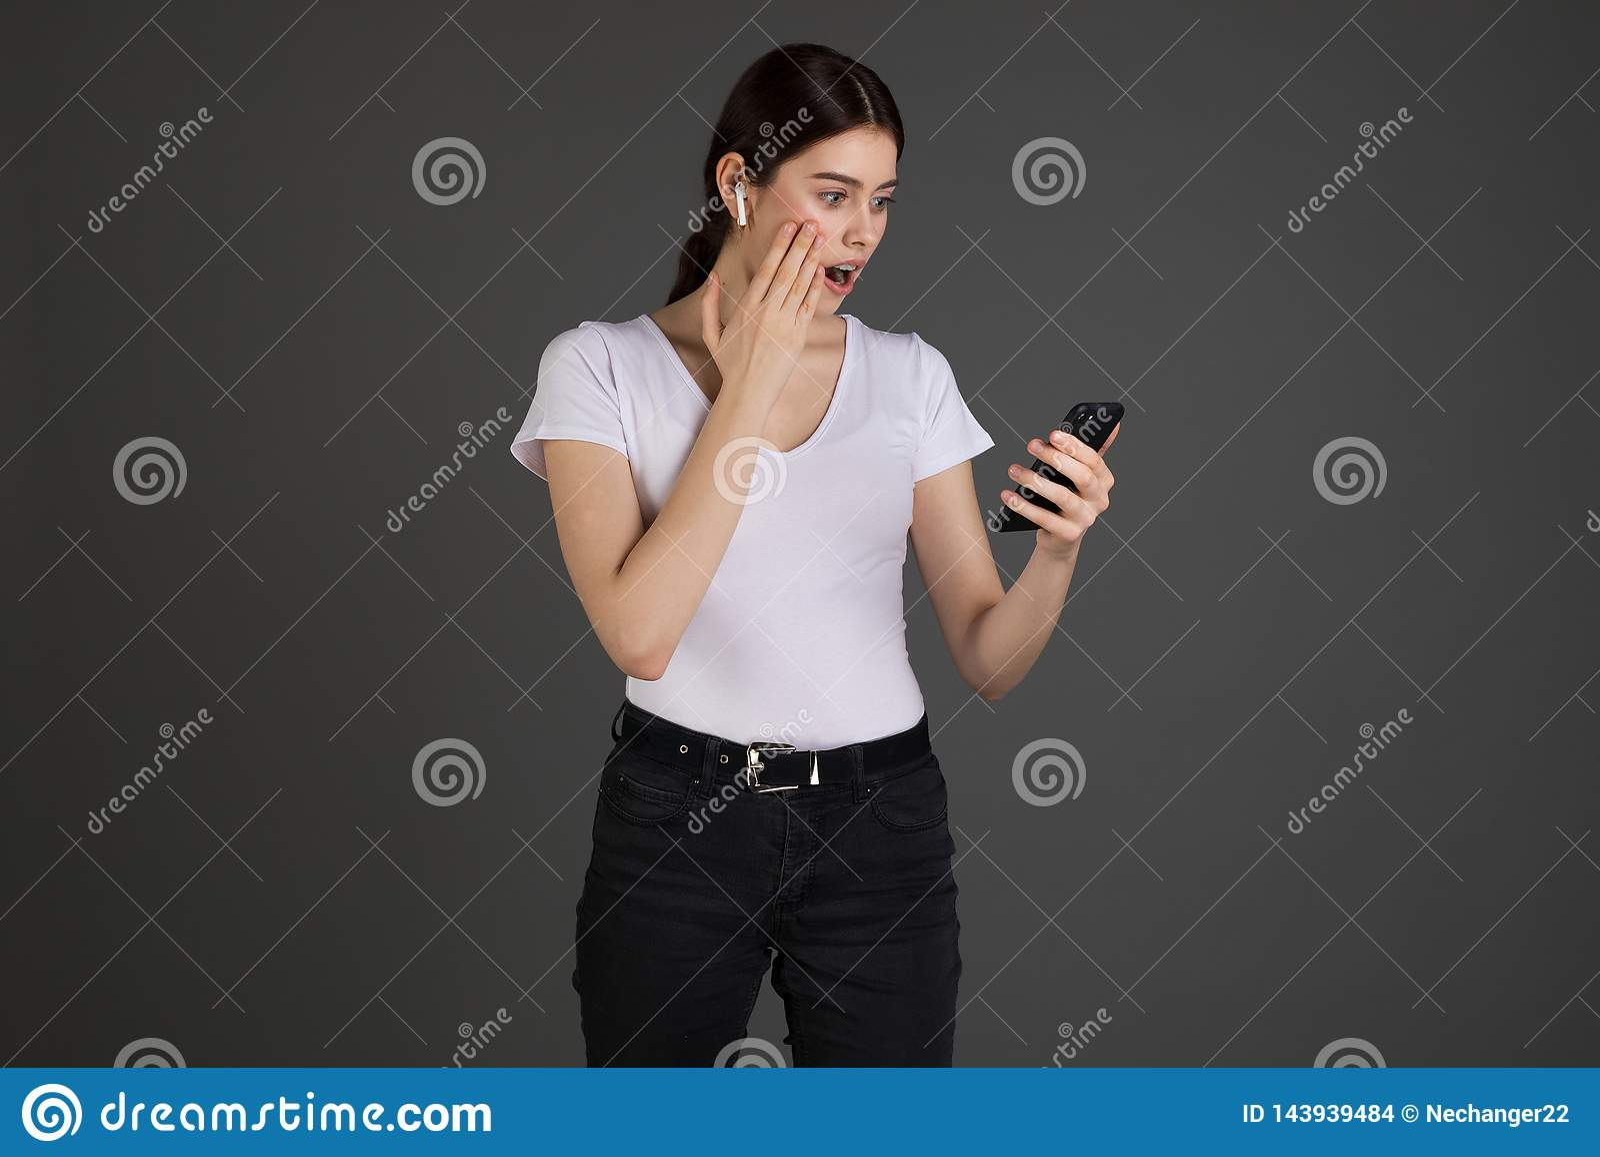 Retrato do estúdio da mulher shoked e confusa que recebe a referência e a mensagem incômoda através da boca aberta do smartphone